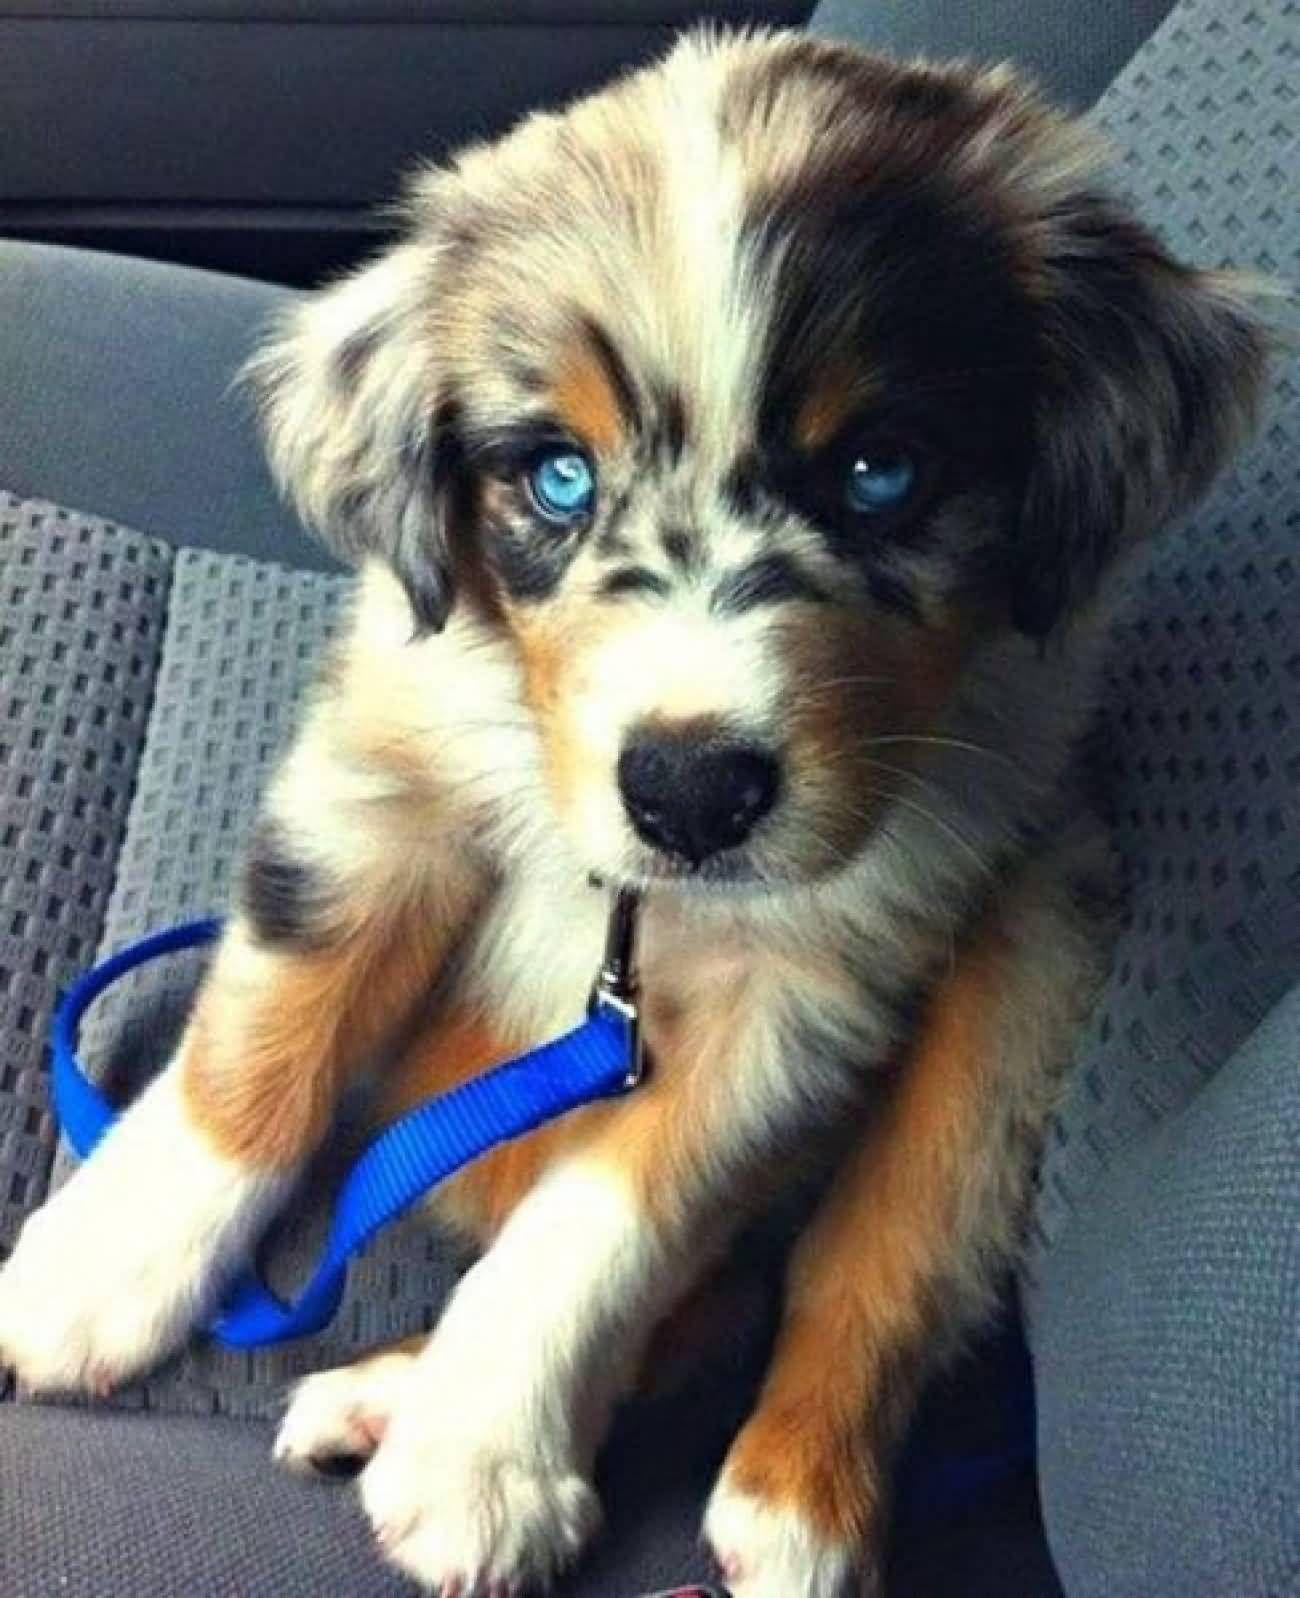 Blue Eyed Australian Shepherd Puppy In Car Dog Crossbreeds Cute